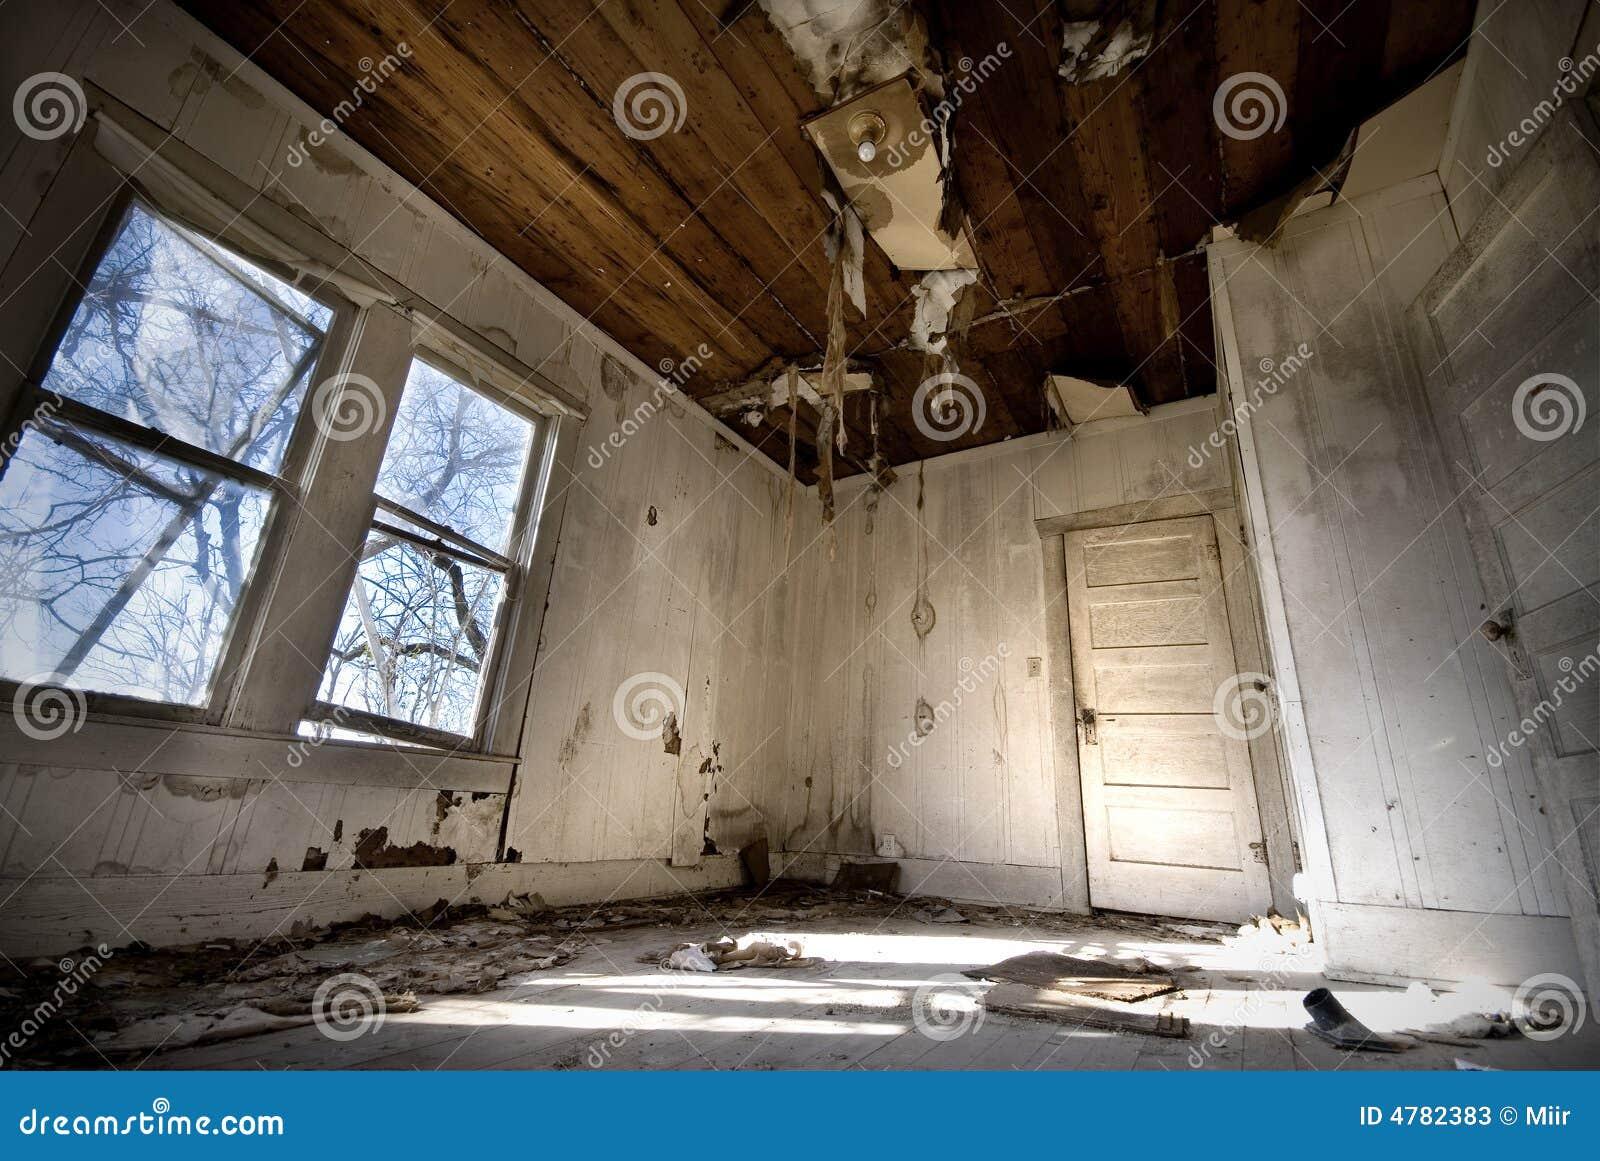 Verlaten oud huis nodig de verbetering van het huis stock foto 39 s afbeelding 4782383 - Oud huis ...